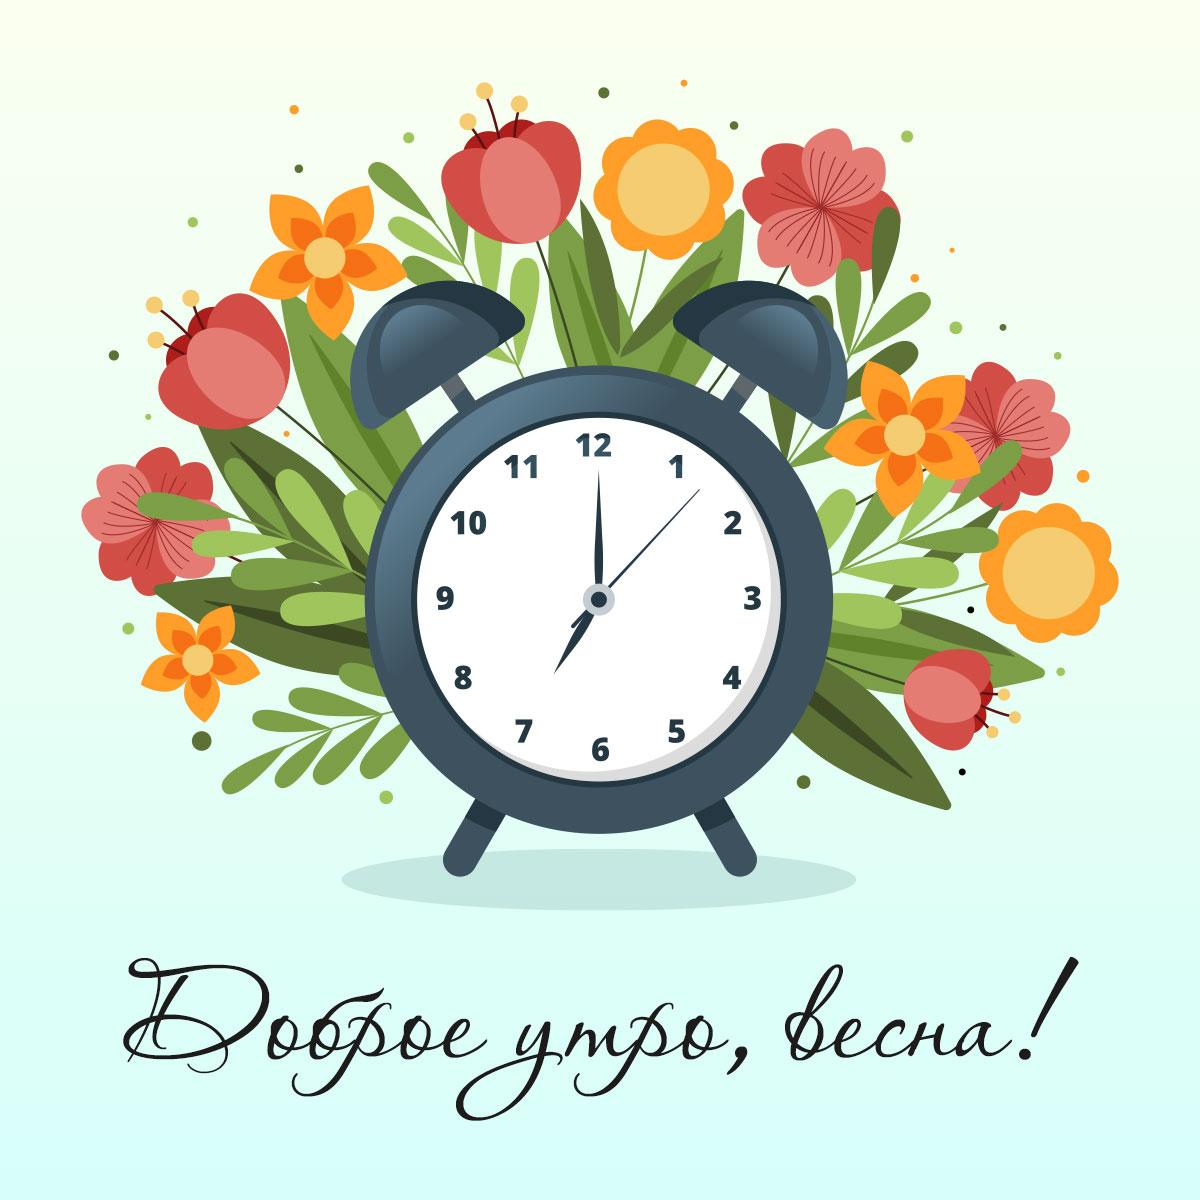 Картинка с текстом доброе утро весна и круглый будильник на фоне цветов.